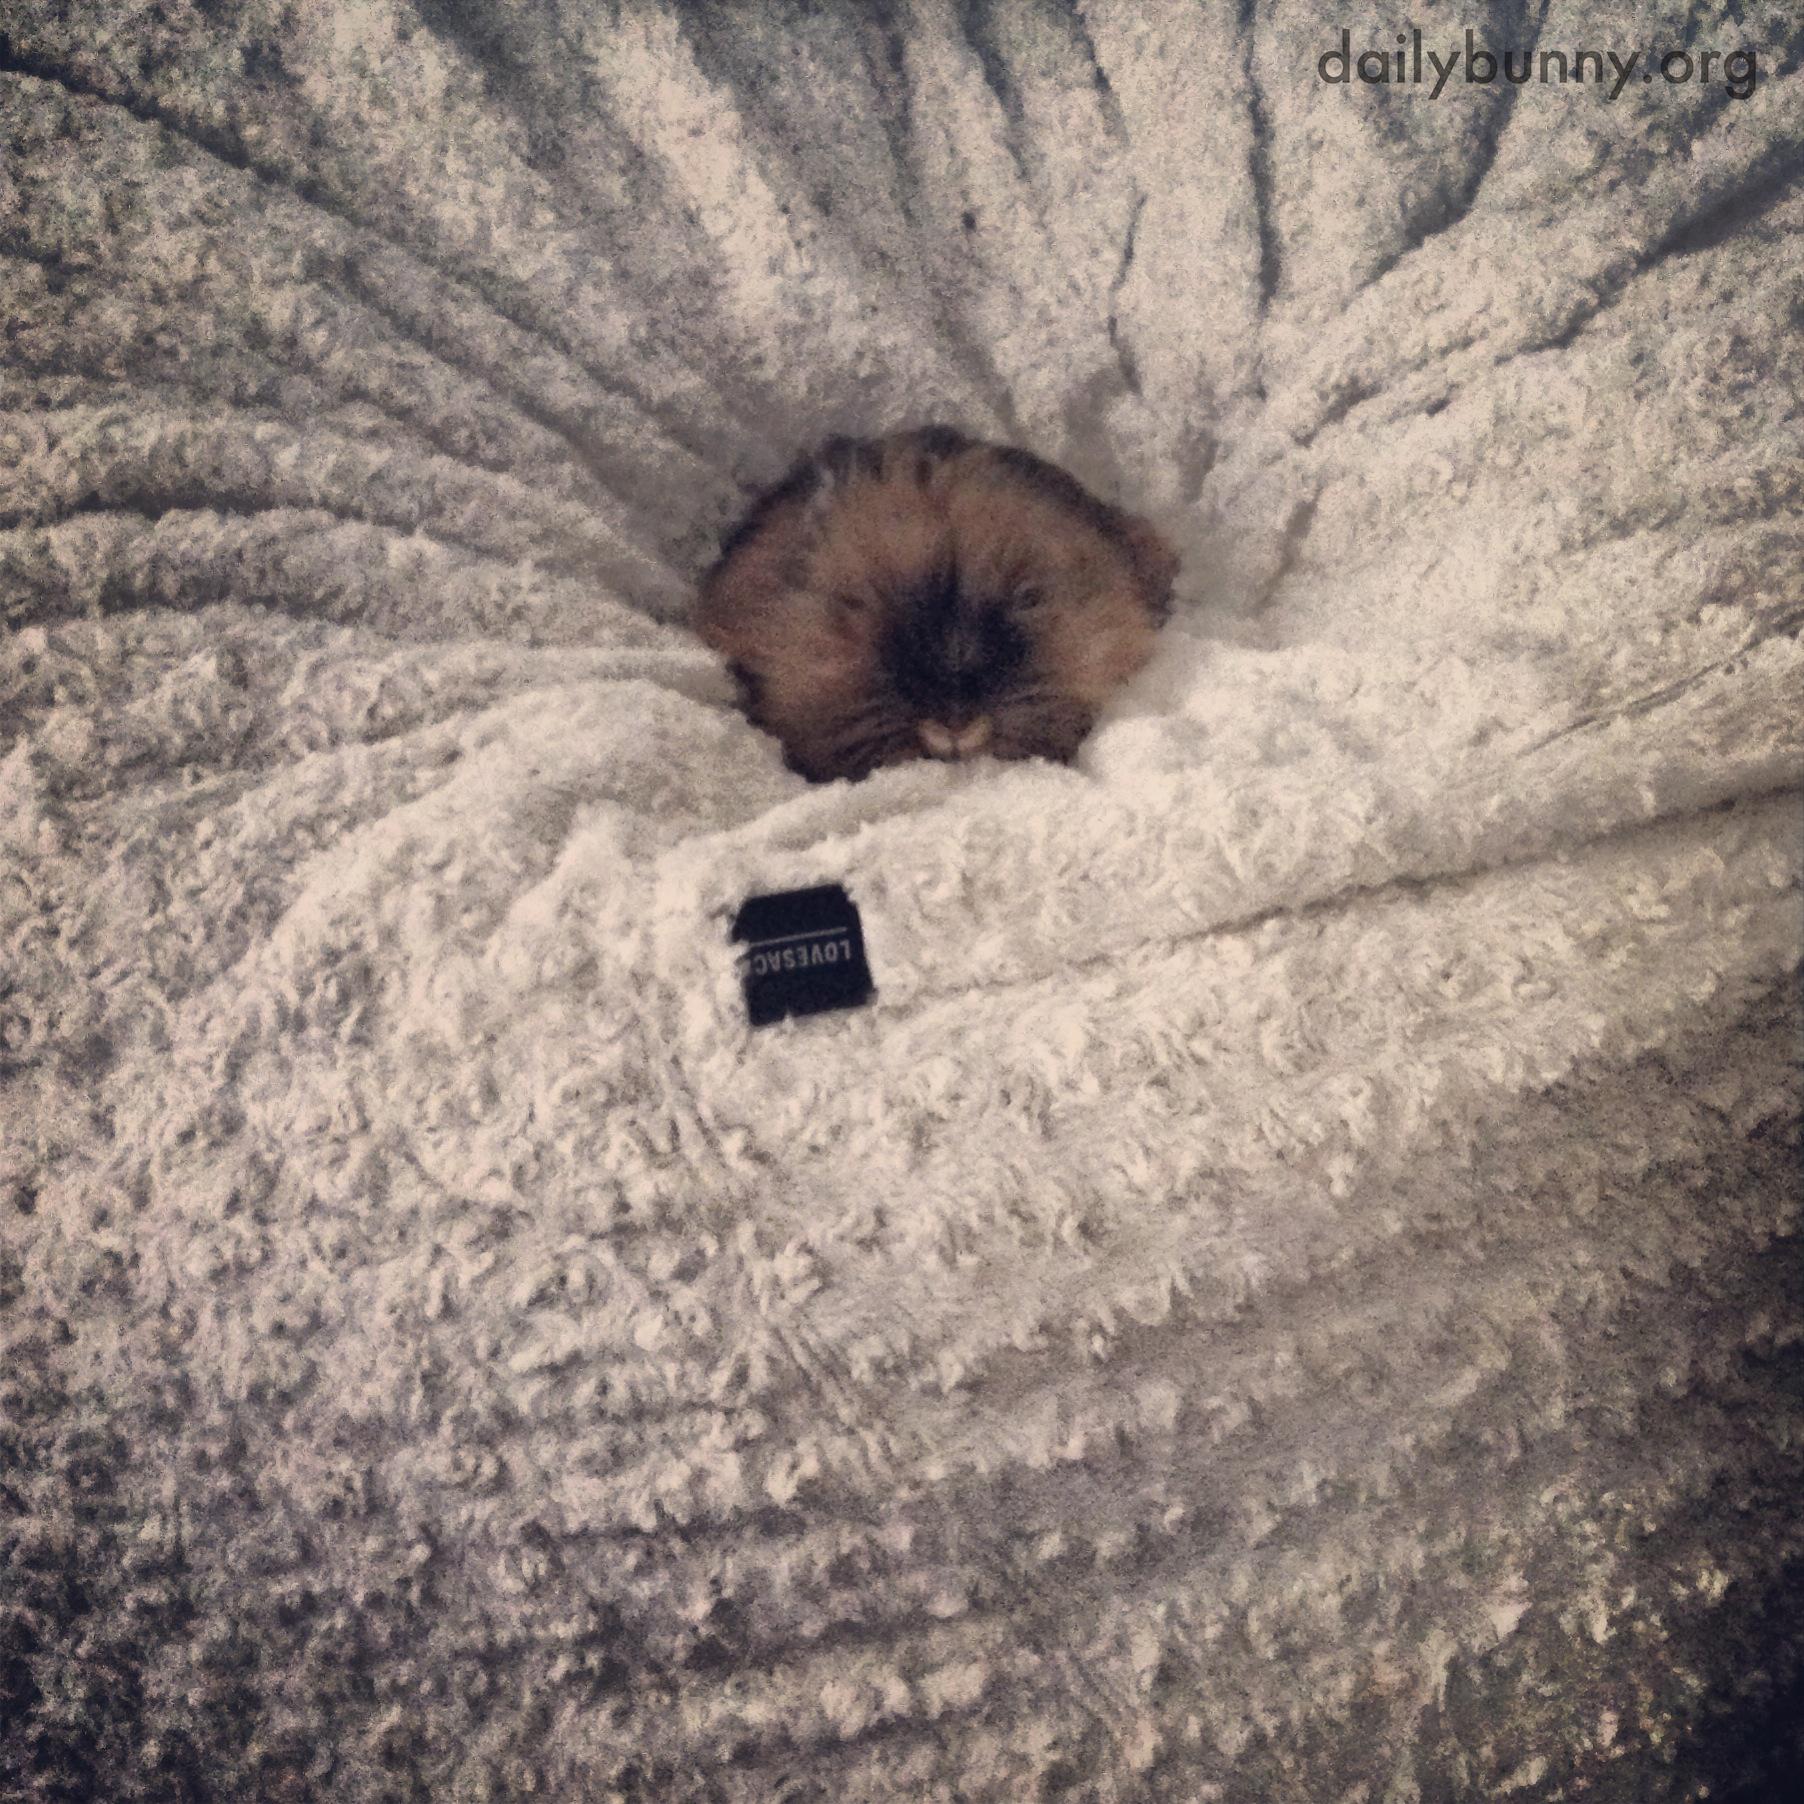 Bunny Sinks into a Beanbag for a Snug, Cozy Nap